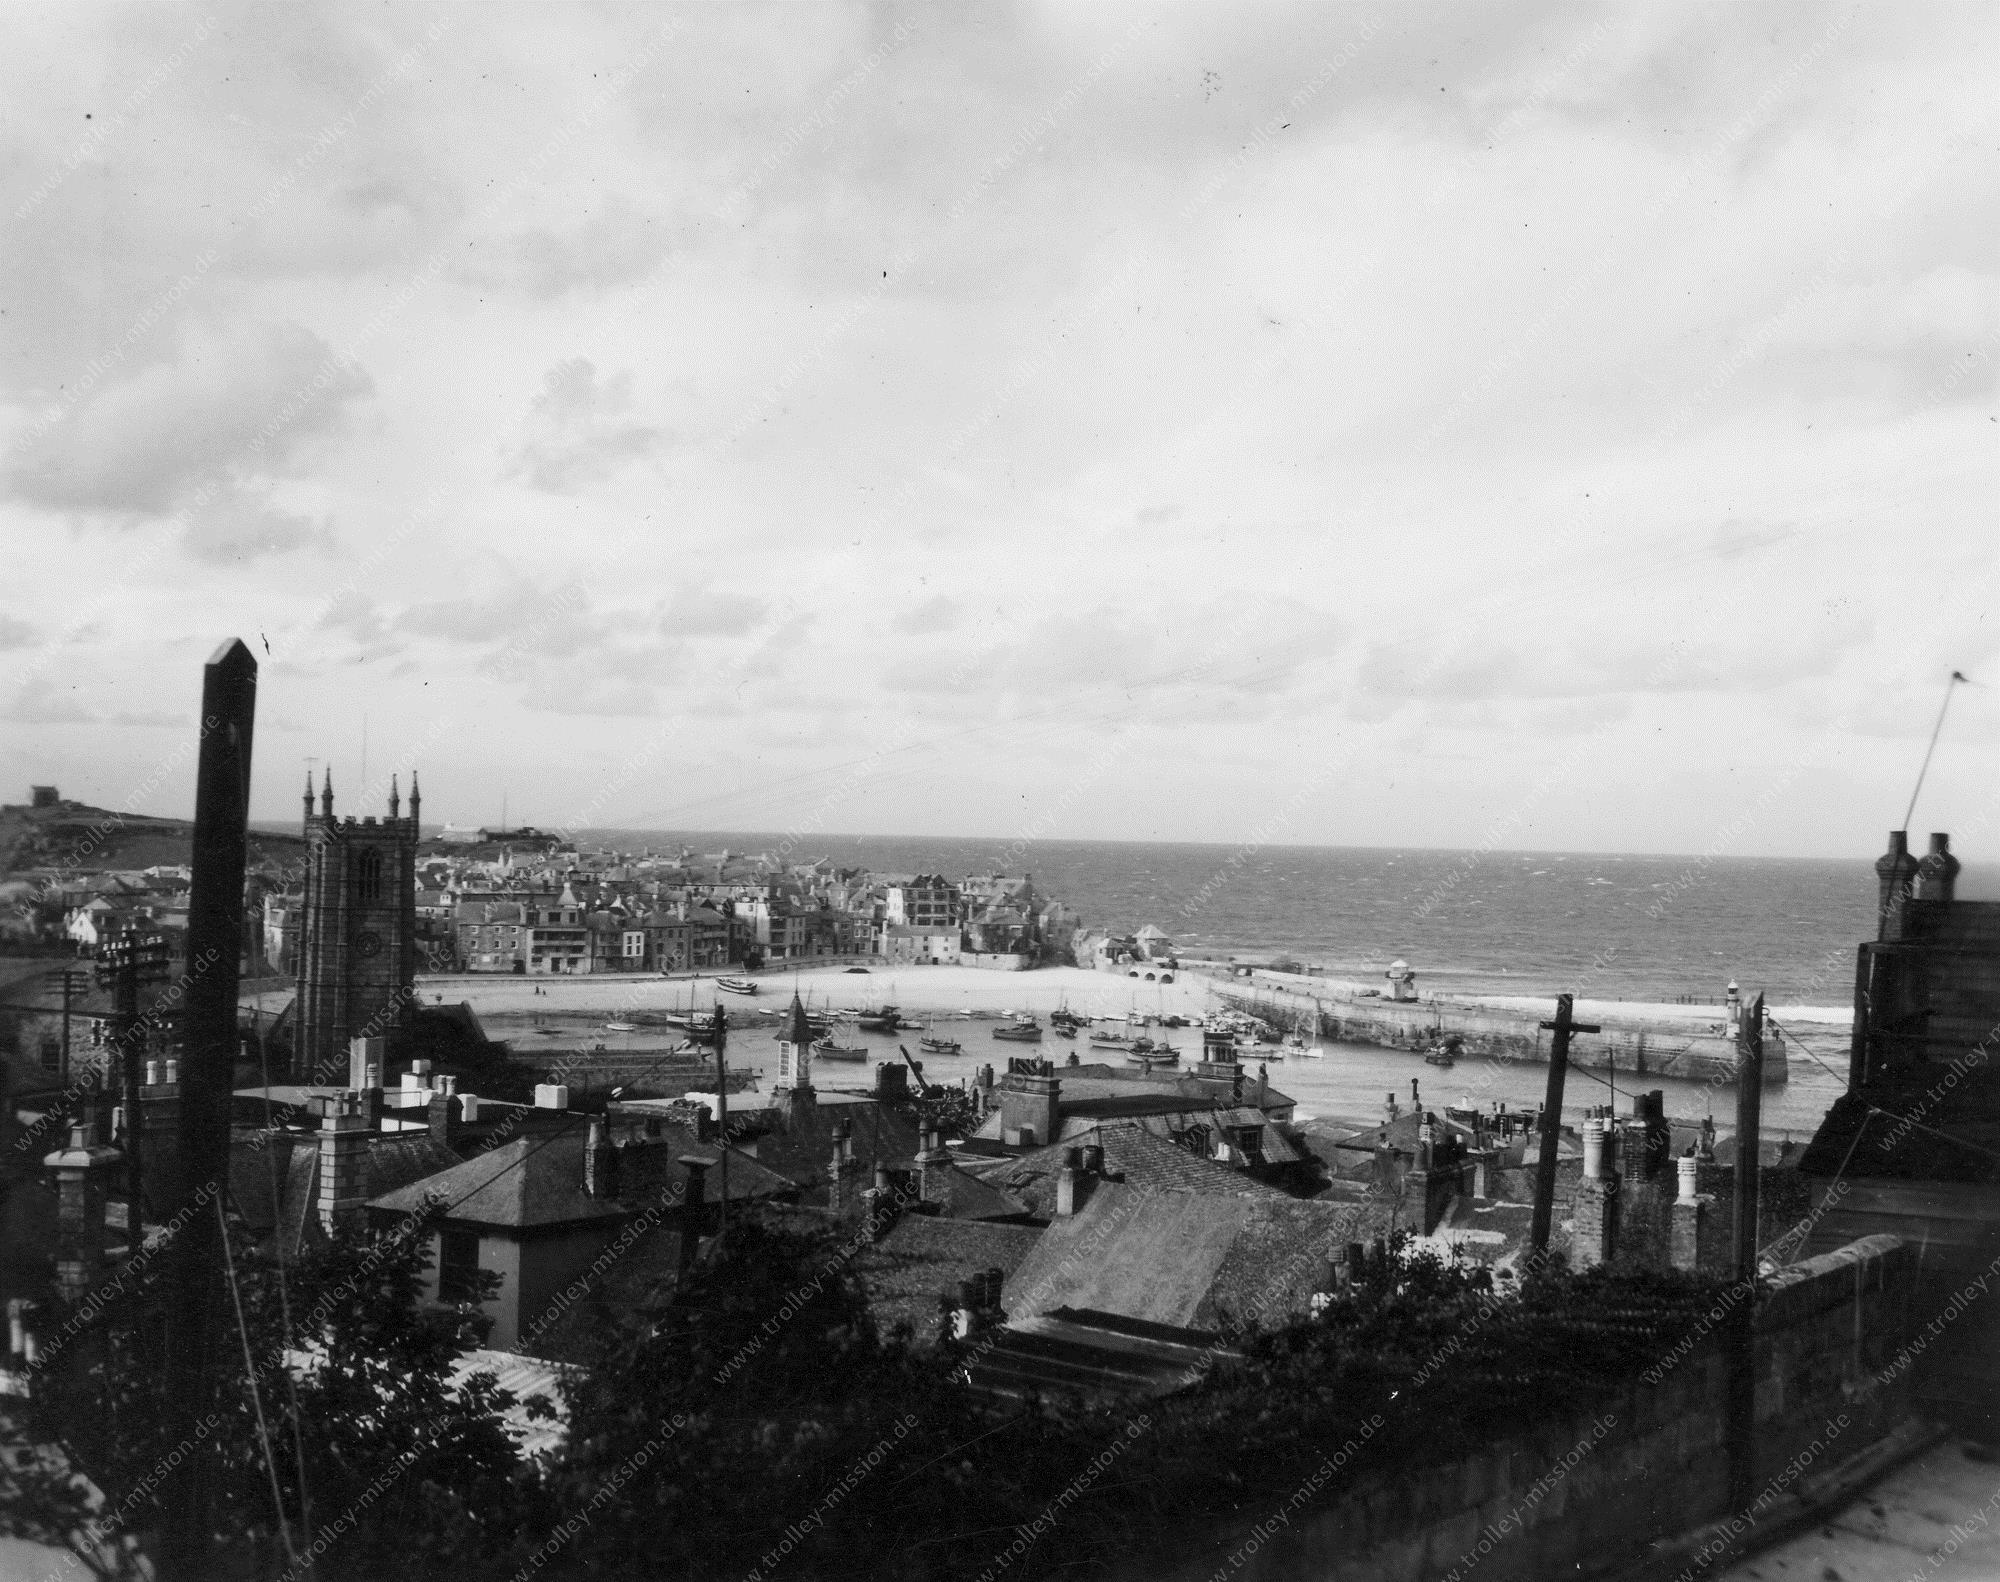 St Ives Hafen in der Grafschaft Cornwall (England)